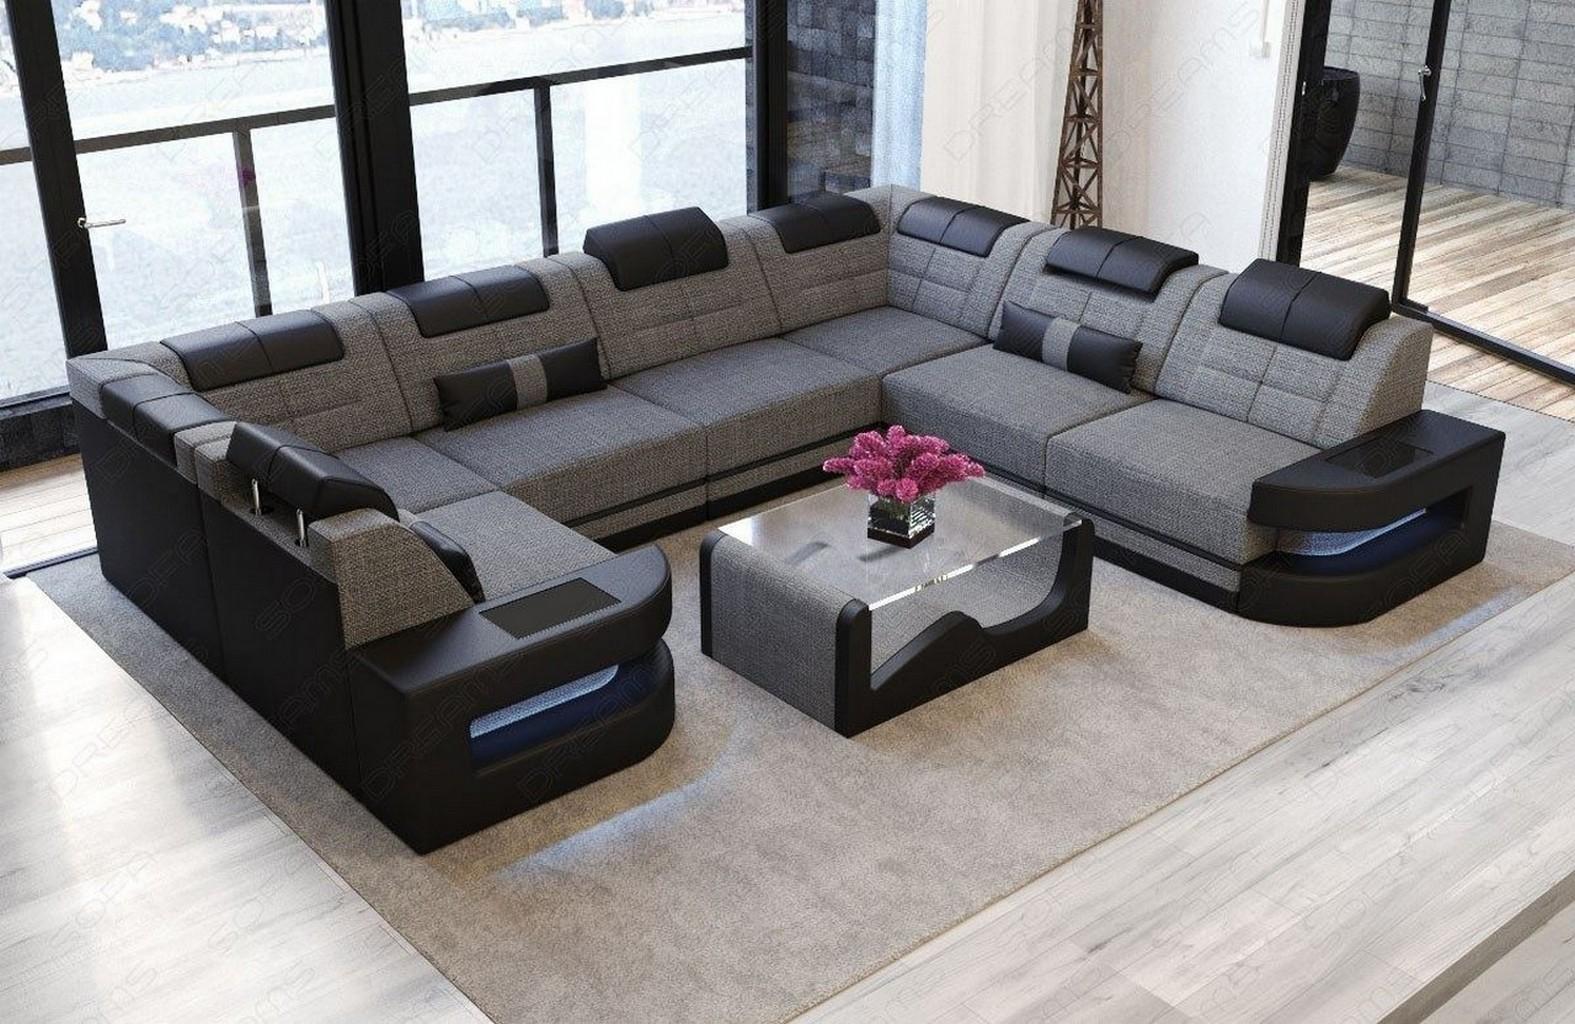 stoff wohnlandschaft como u led designer polsterecke mega. Black Bedroom Furniture Sets. Home Design Ideas